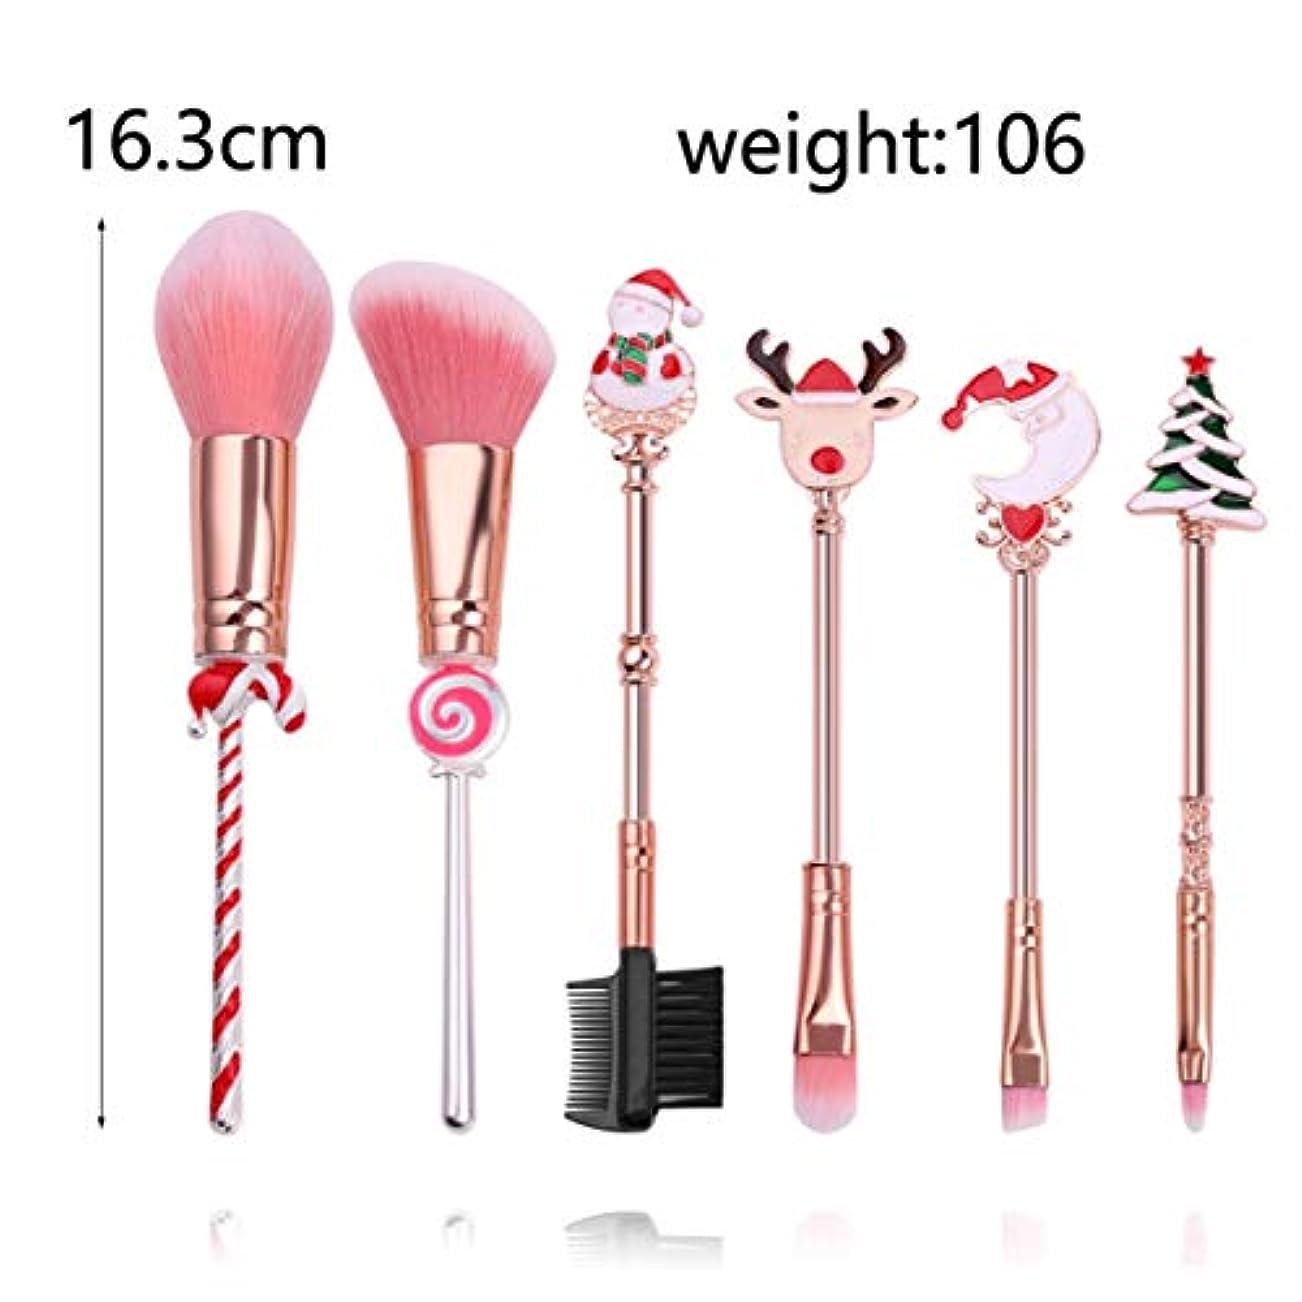 審判ナインへ混乱させるサリーの店 素晴らしい6パソコンキャンディクリスマス化粧ブラシエルクかわいいキャンディポータブルミニ化粧キット(None 1)